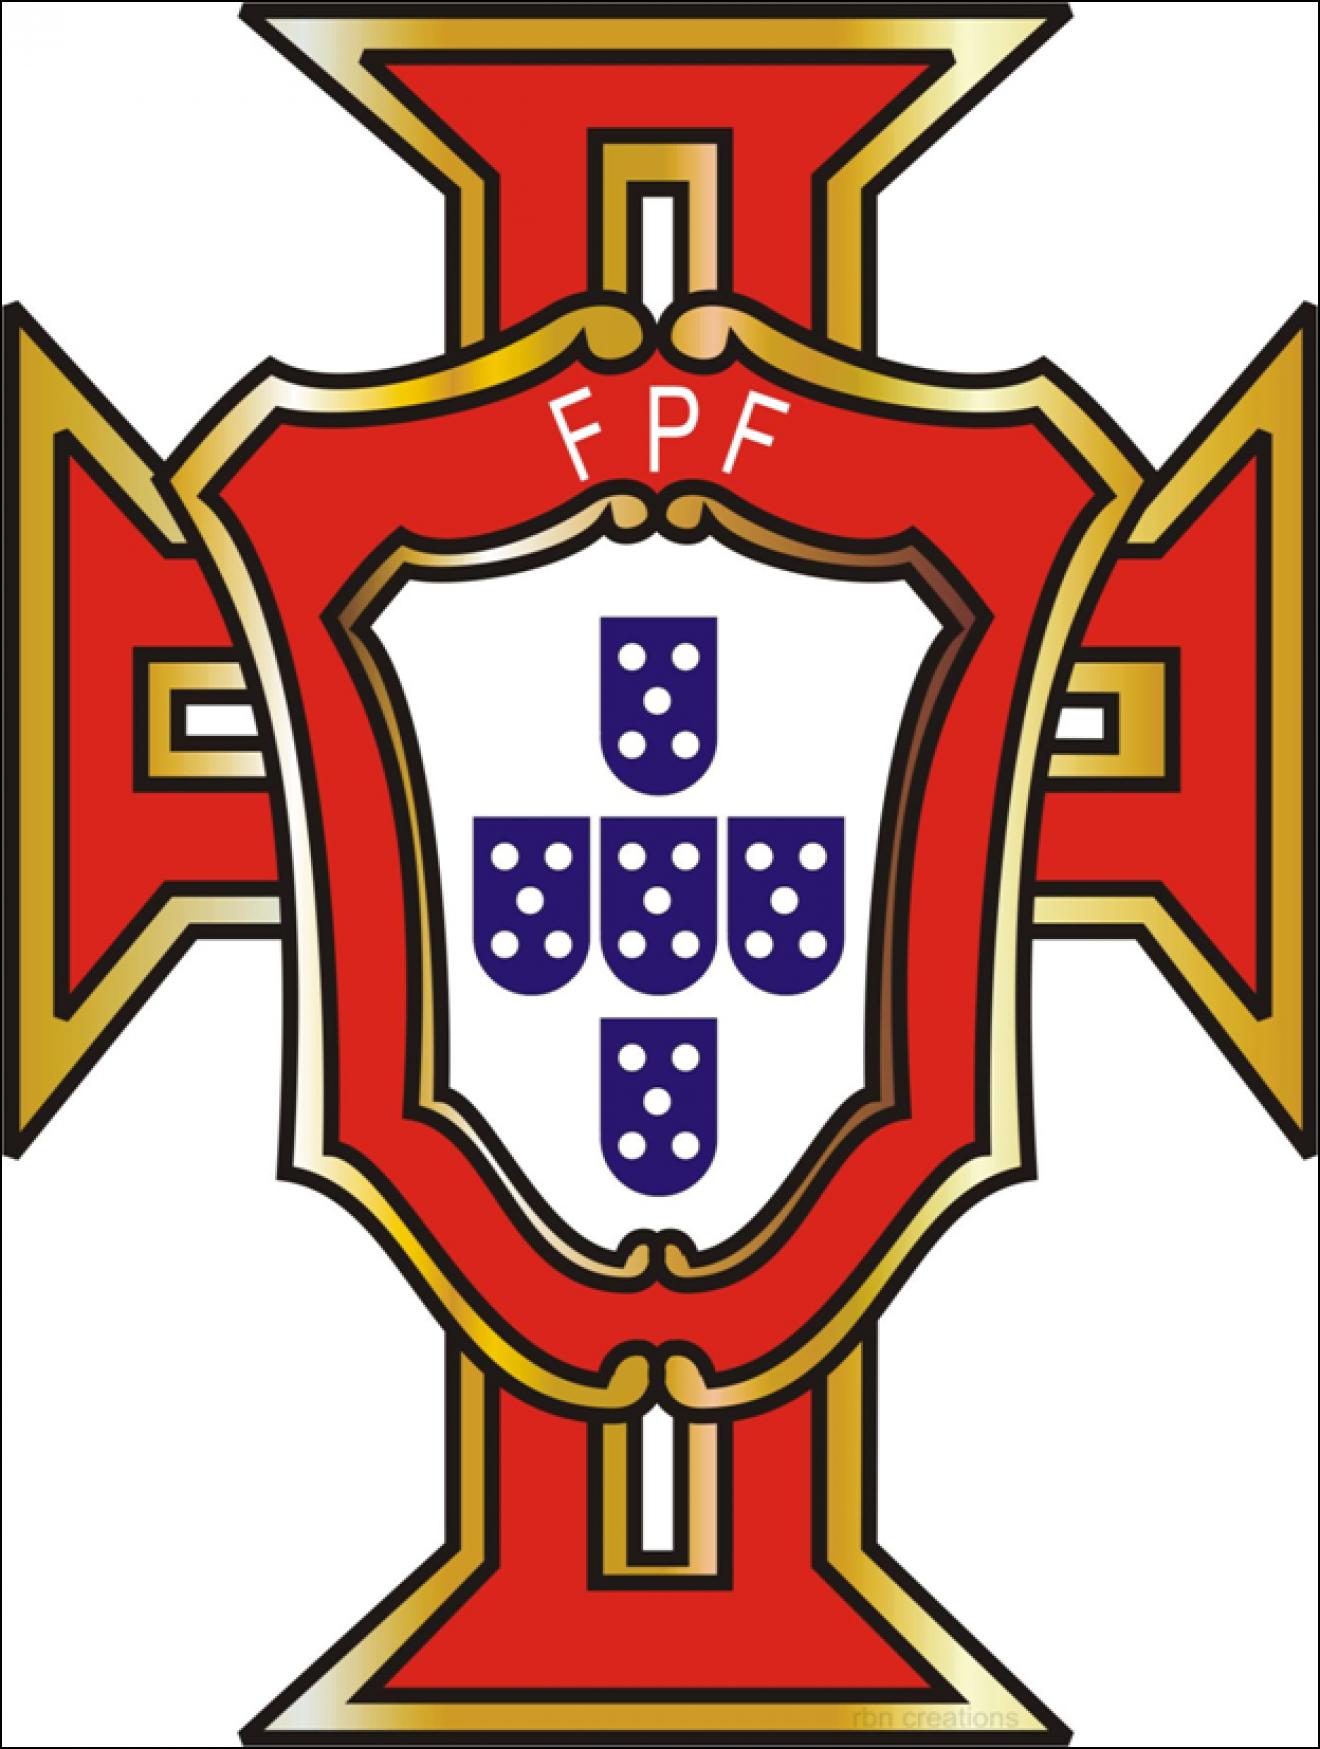 Dr. FERNANDO GOMES EM FARO: HOMENAGEM PELA CONQUISTA DO CAMPEONATO EUROPEU DE FUTEBOL E CONFERÊNCIA